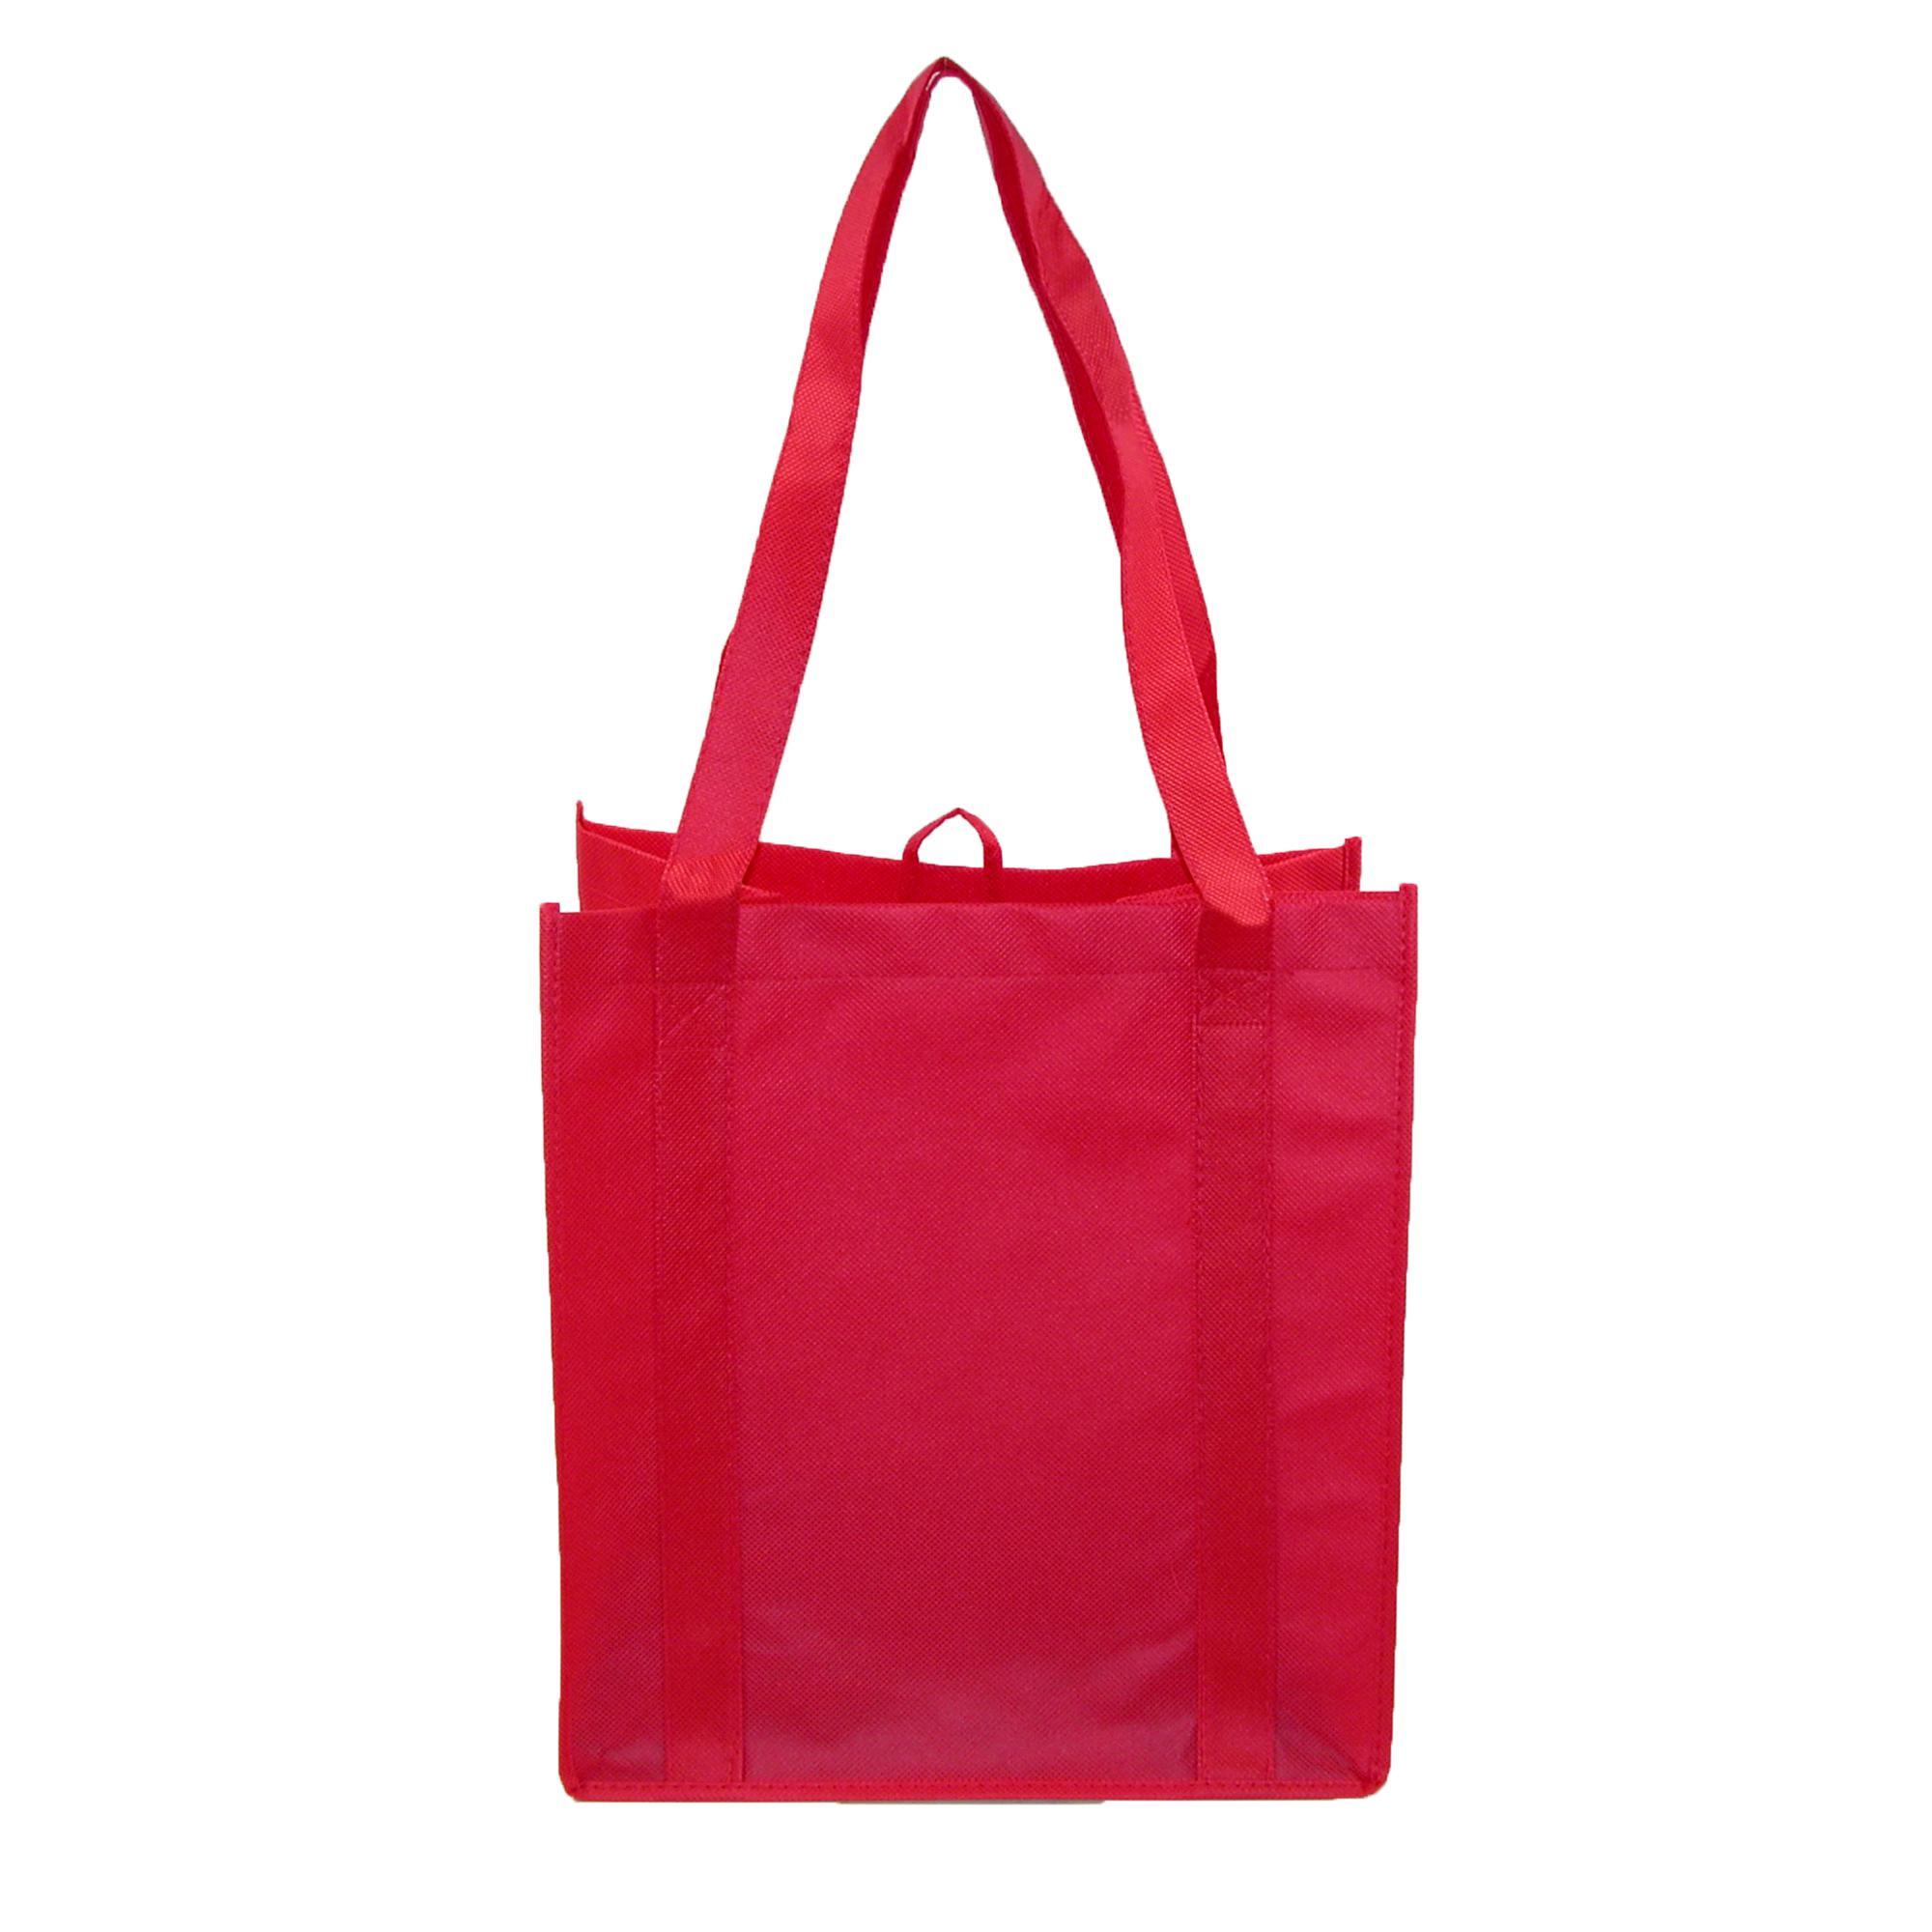 Ctm Reusable Shopping Bag Customizable